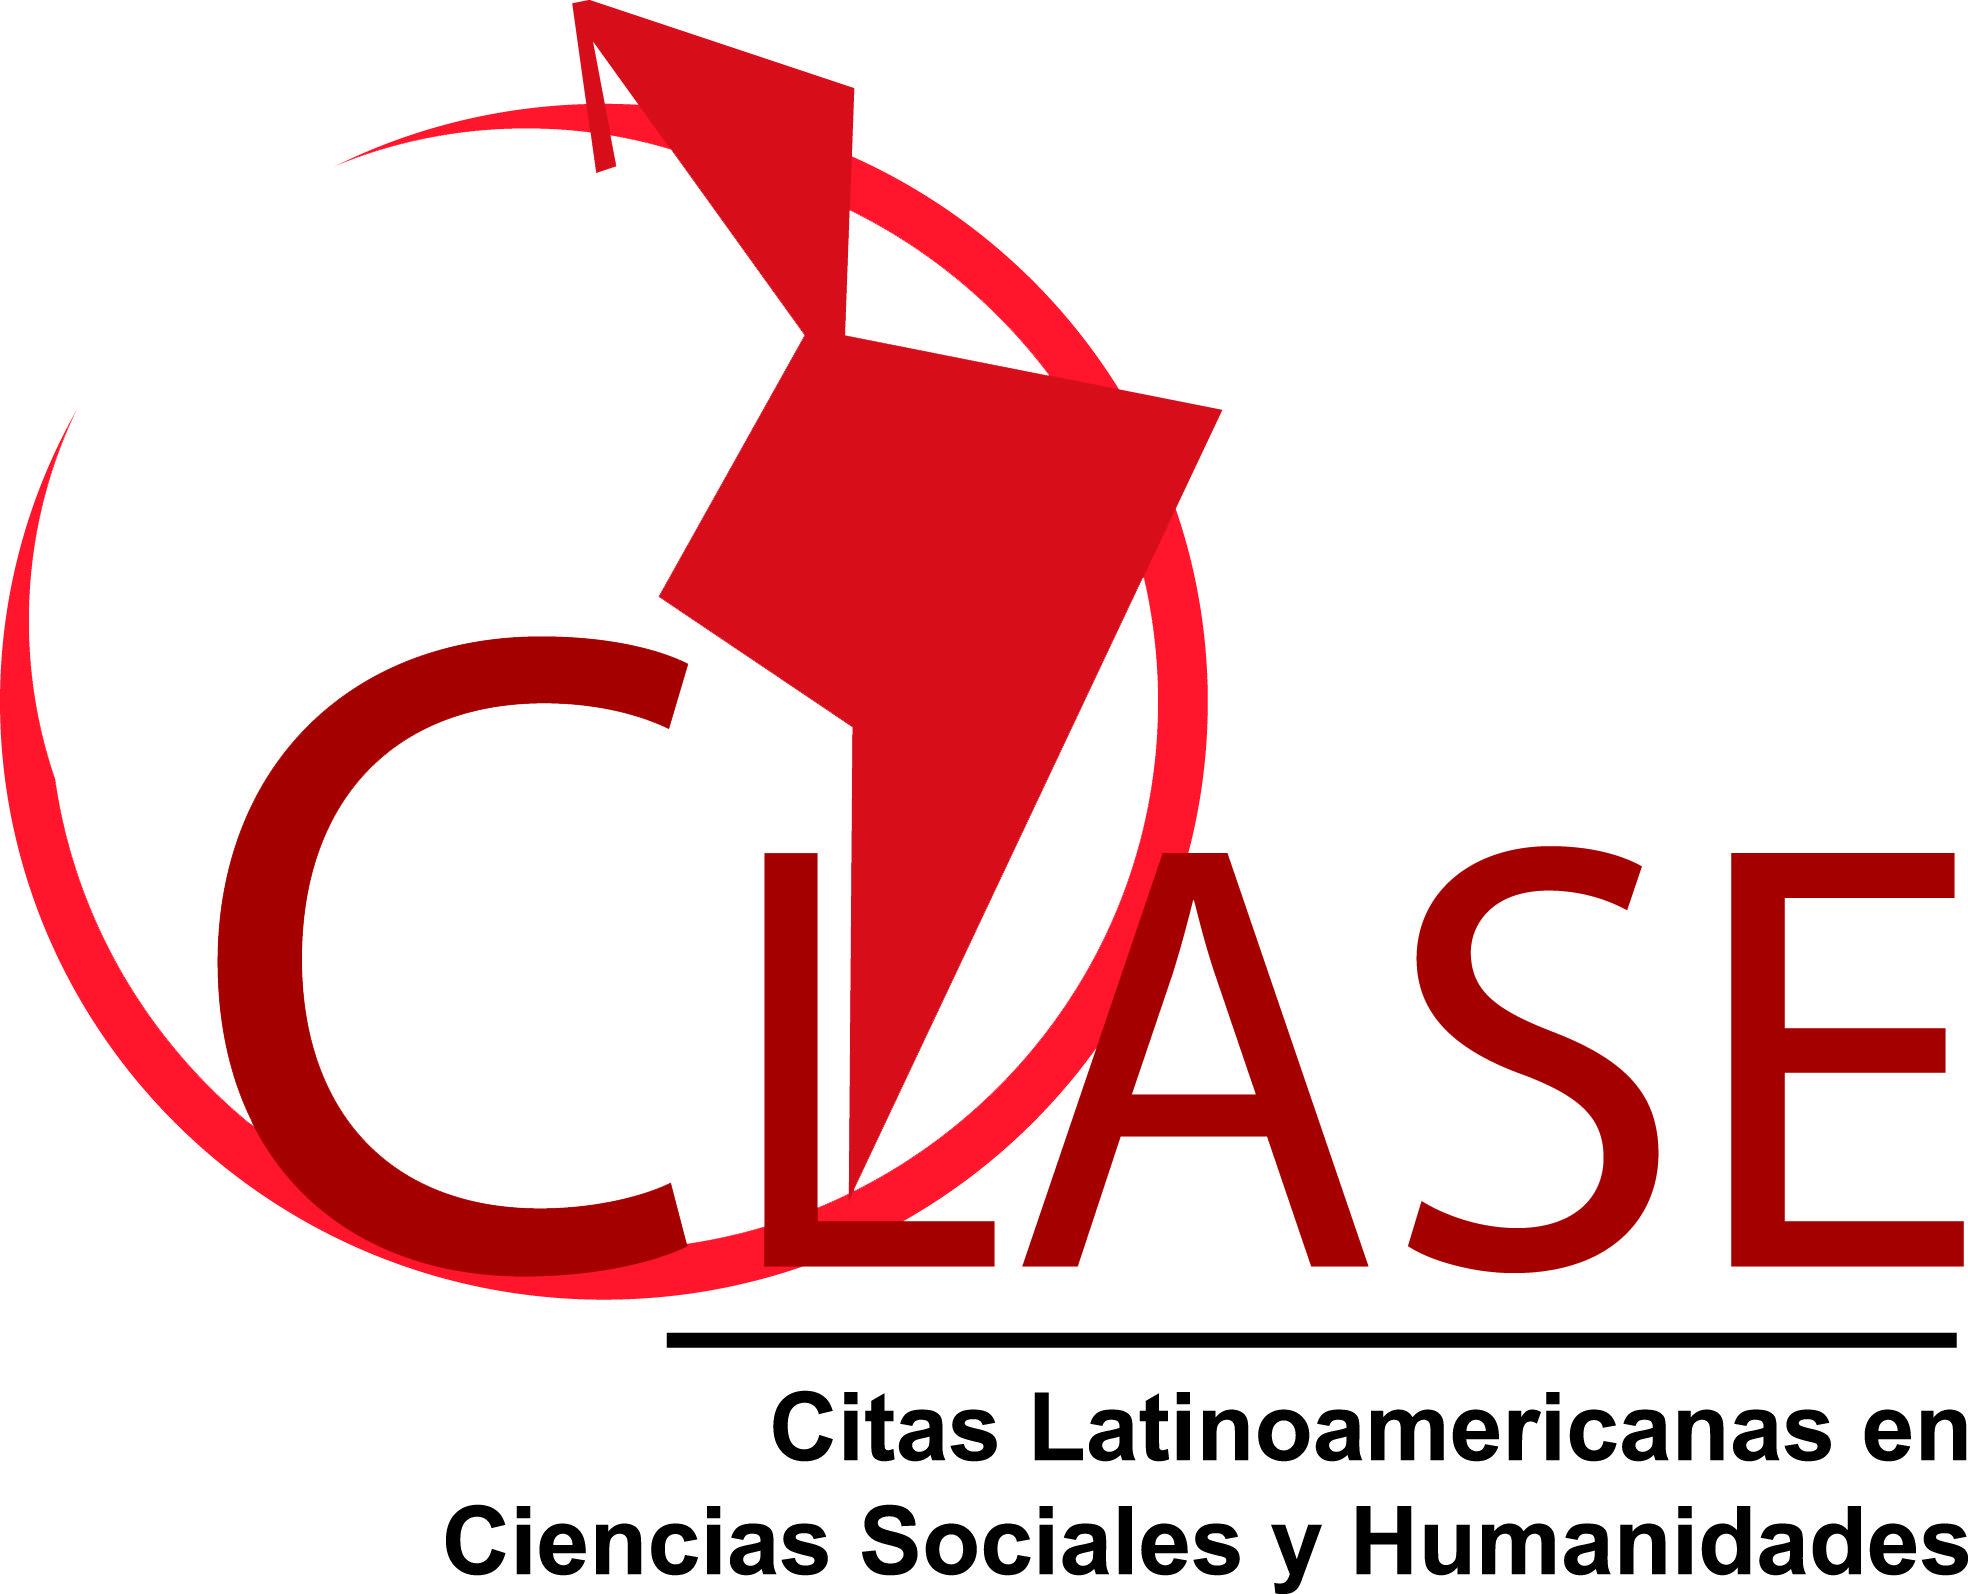 Resultado de imagen para Clase citas latinoamericanas